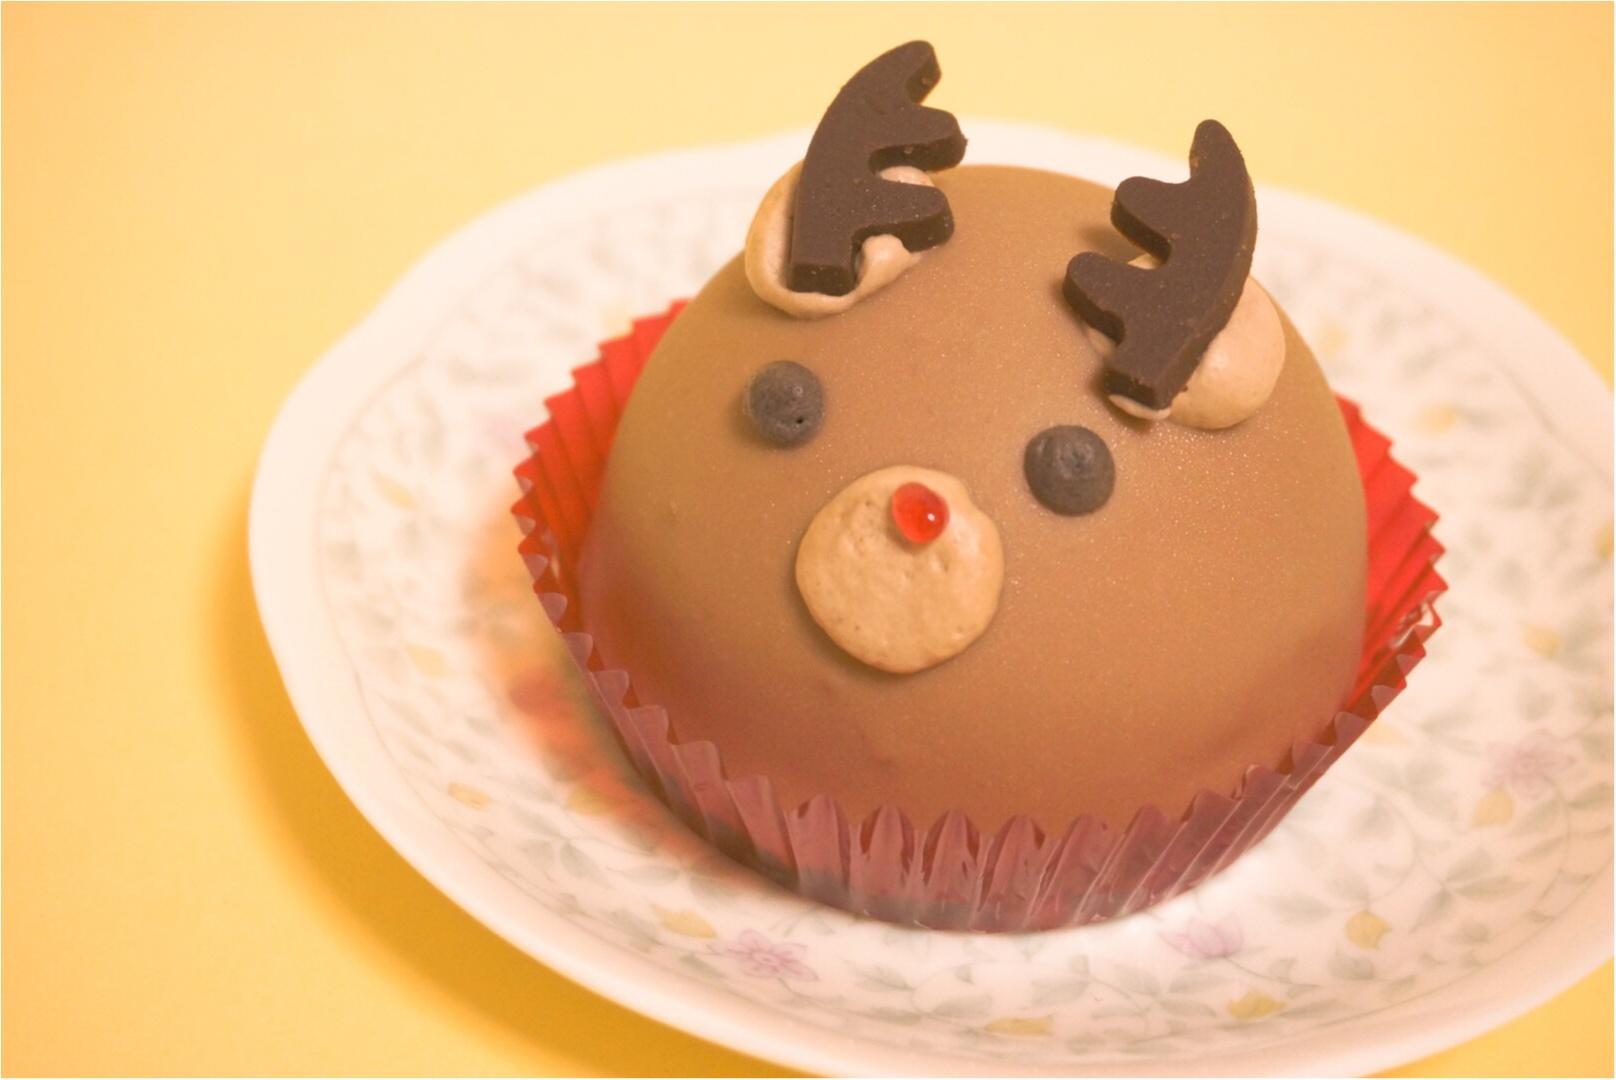 《カメラ必須‼︎》食べるのがもったいない‼︎セブンイレブンのトナカイ&雪の子ケーキが可愛すぎるっ♡_2